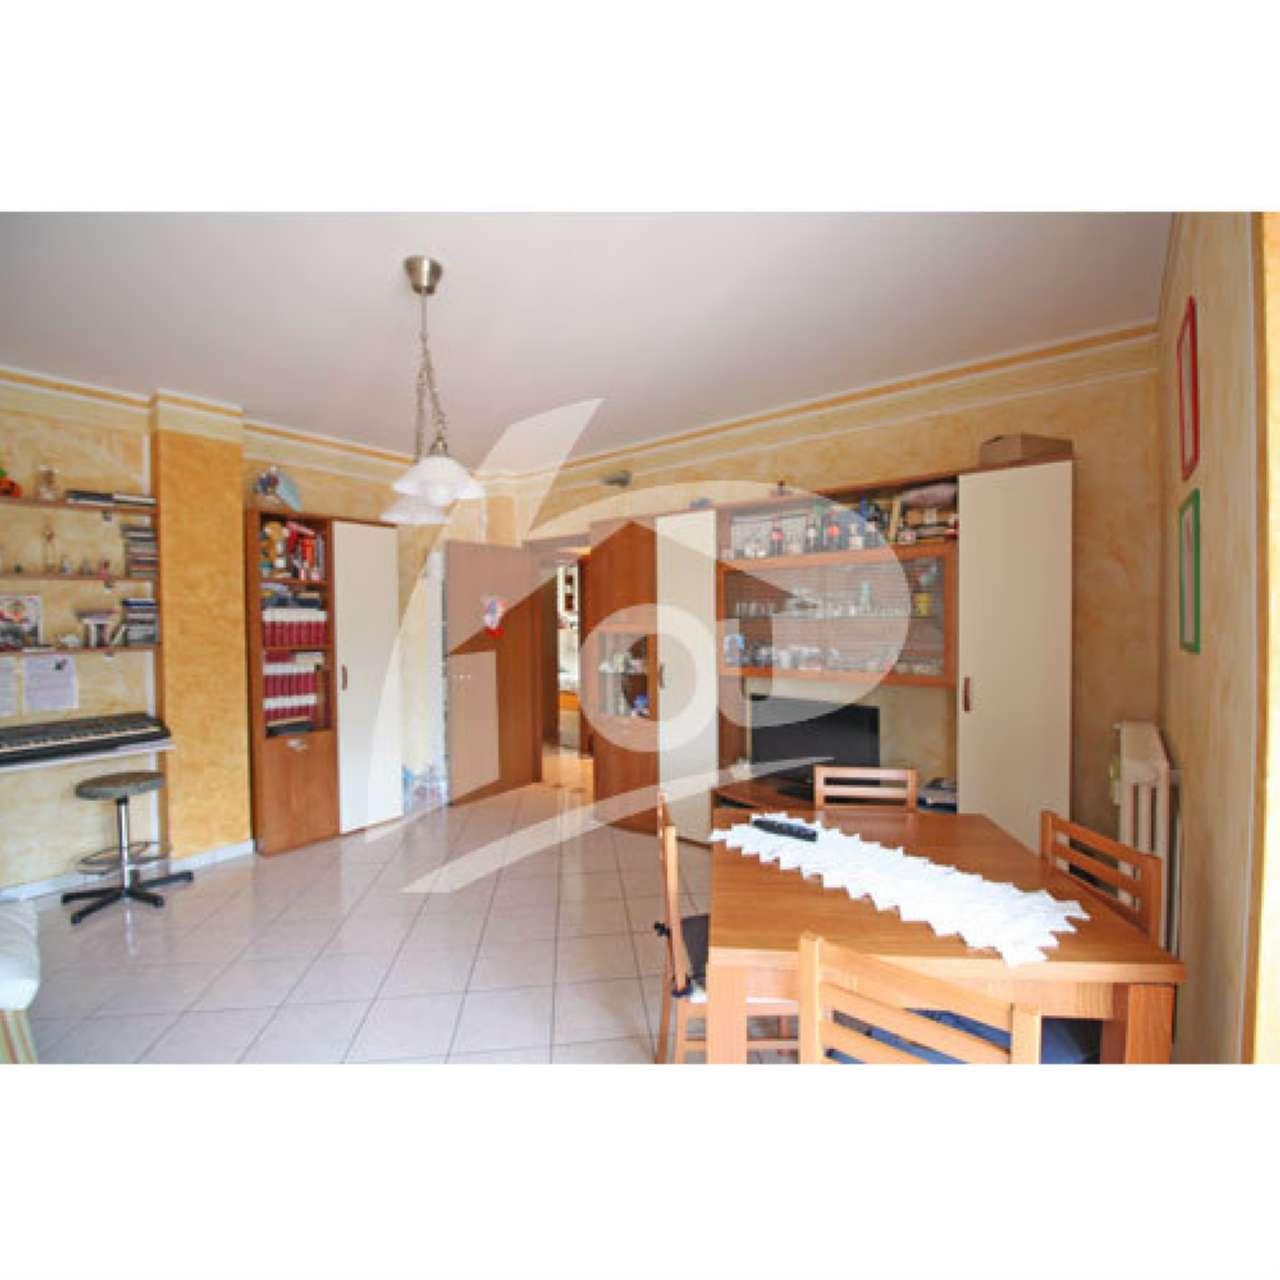 Appartamento in vendita a Laveno-Mombello, 3 locali, prezzo € 140.000 | CambioCasa.it